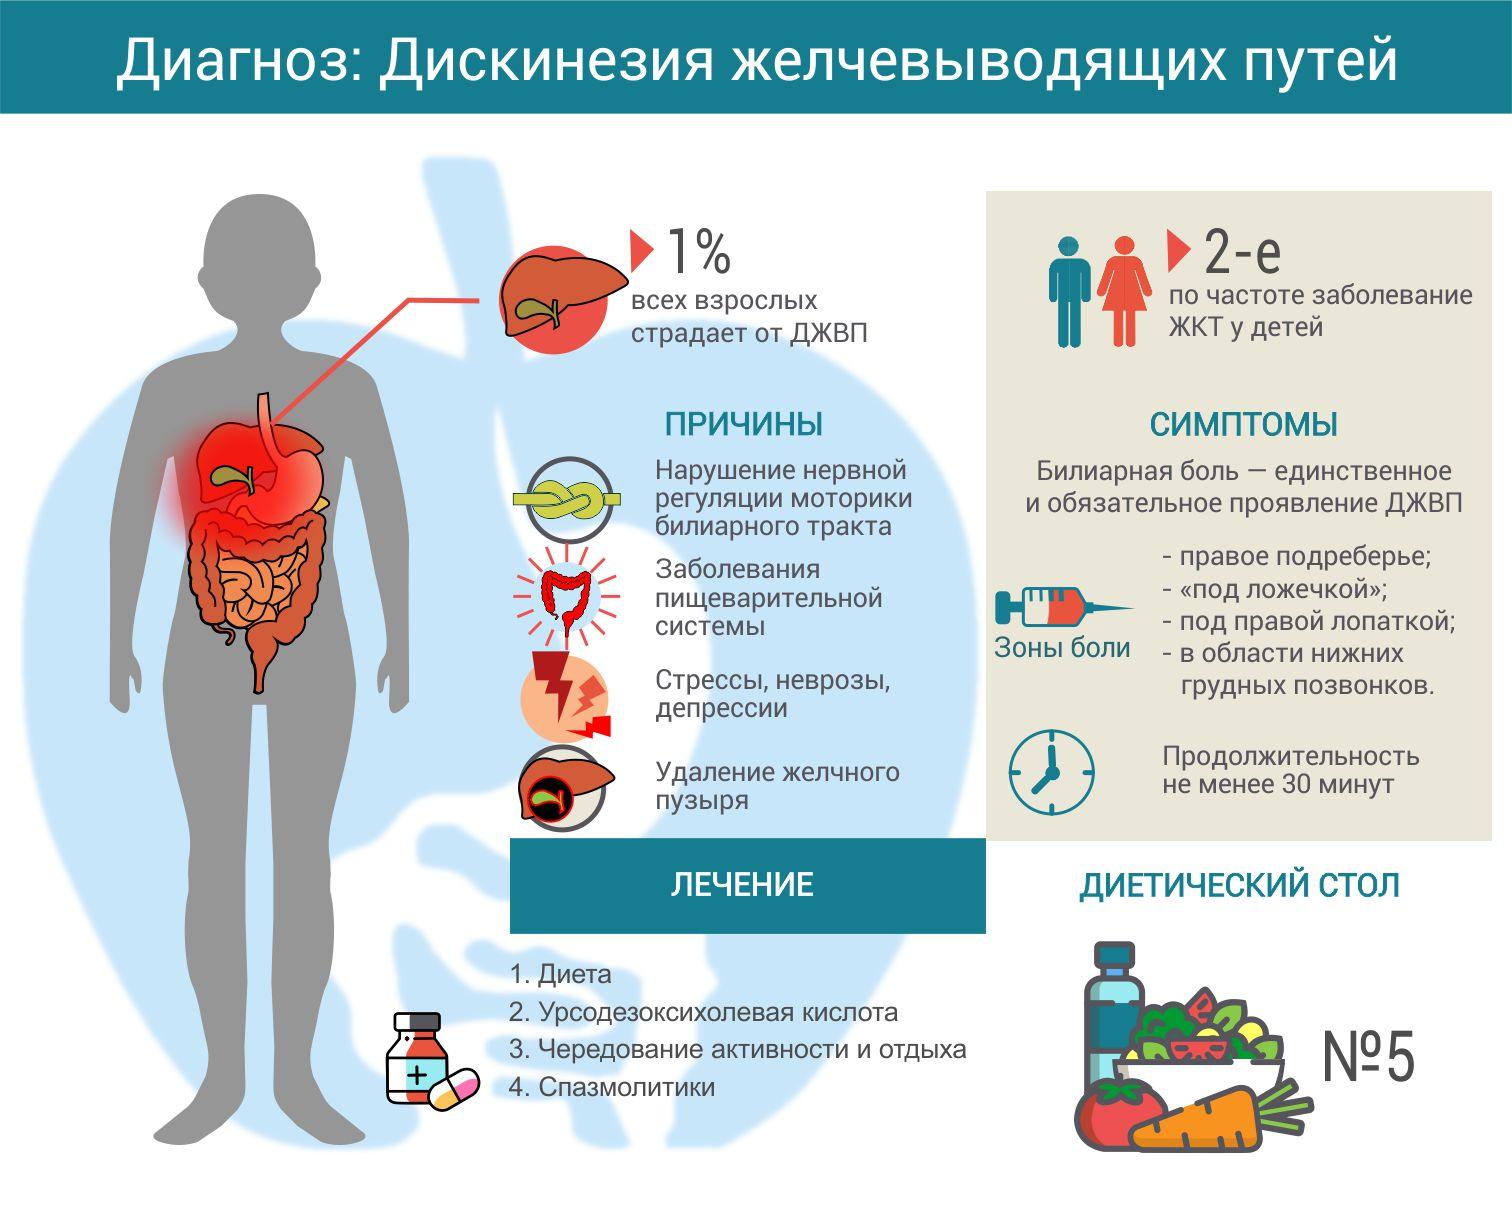 Диета и питание при дискинезии желчевыводящих путей у детей. рецепты. меню.таблица